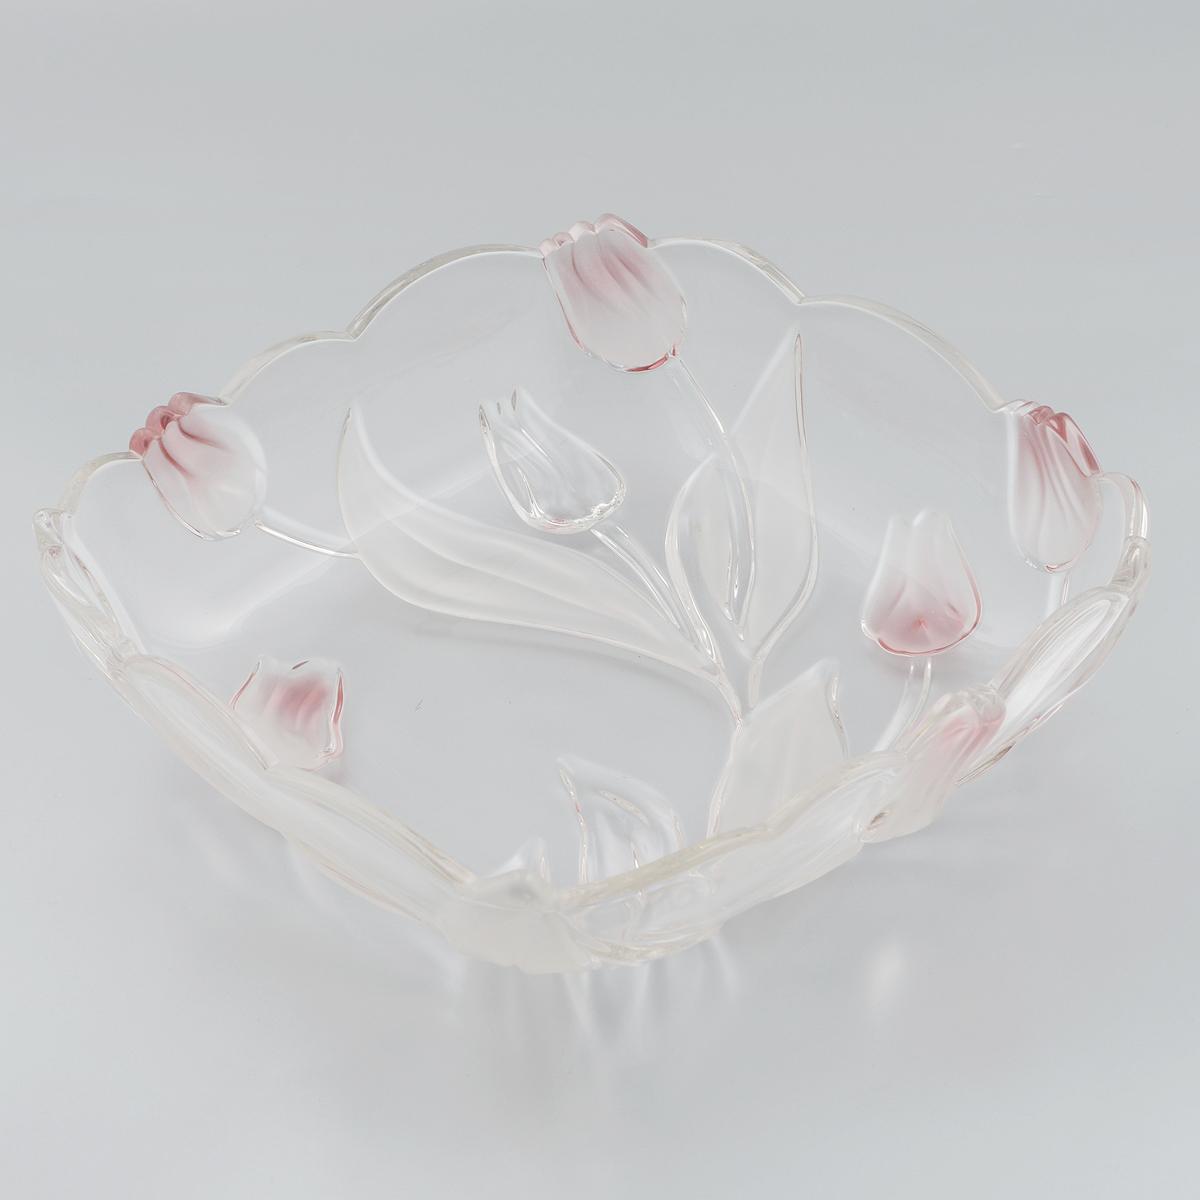 Салатник Walther-Glas Nadine, цвет: белый, розовый, 26 х 26 х 7 см16466*Салатник Walther-Glas Nadine выполнено из высококачественного толстого стекла и декорировано рельефом в форме цветов. Салатник имеет волнистые края, что, несомненно, понравится любителям классического стиля.Такой салатник украсит ваш праздничный или обеденный стол, а яркое оформление понравится любой хозяйке. Применять только мягкие моющие средства и избегать мытья в посудомоечной машине.